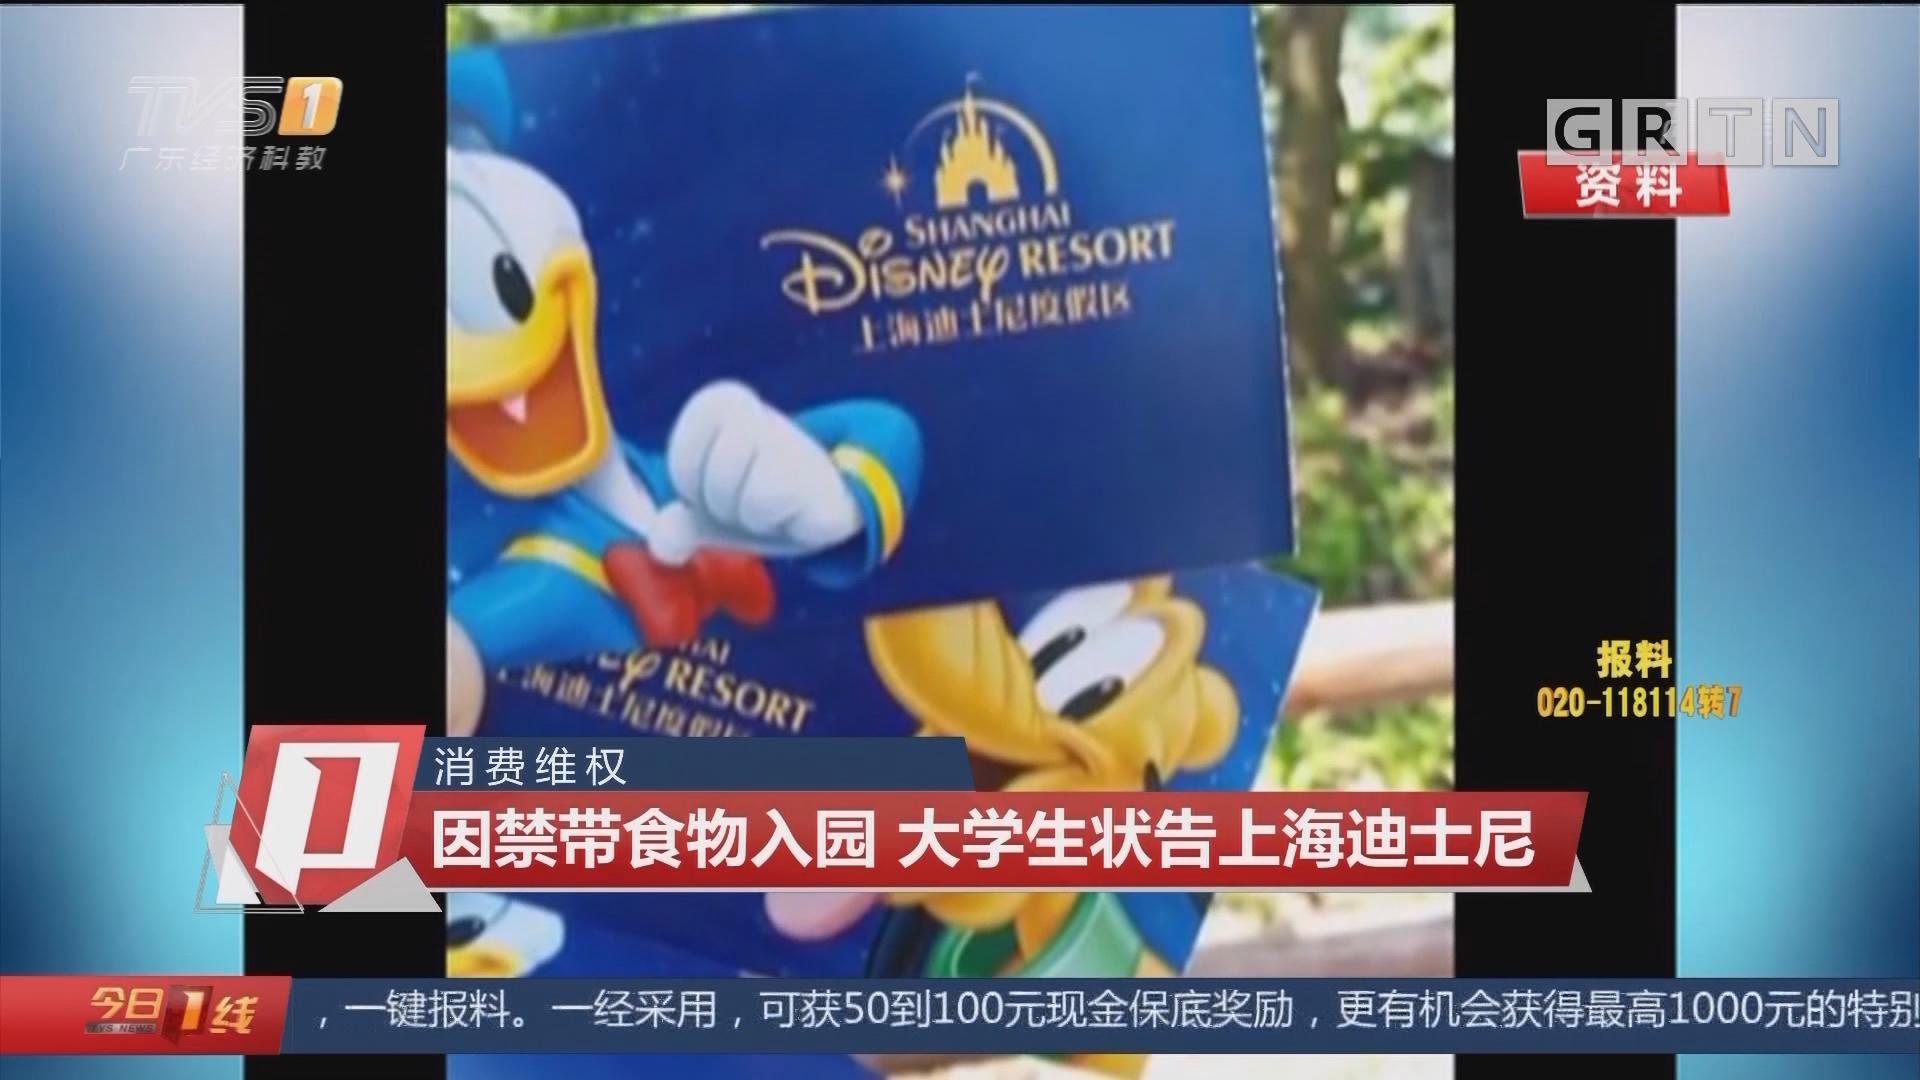 消费维权:因禁带食物入园 大学生状告上海迪士尼